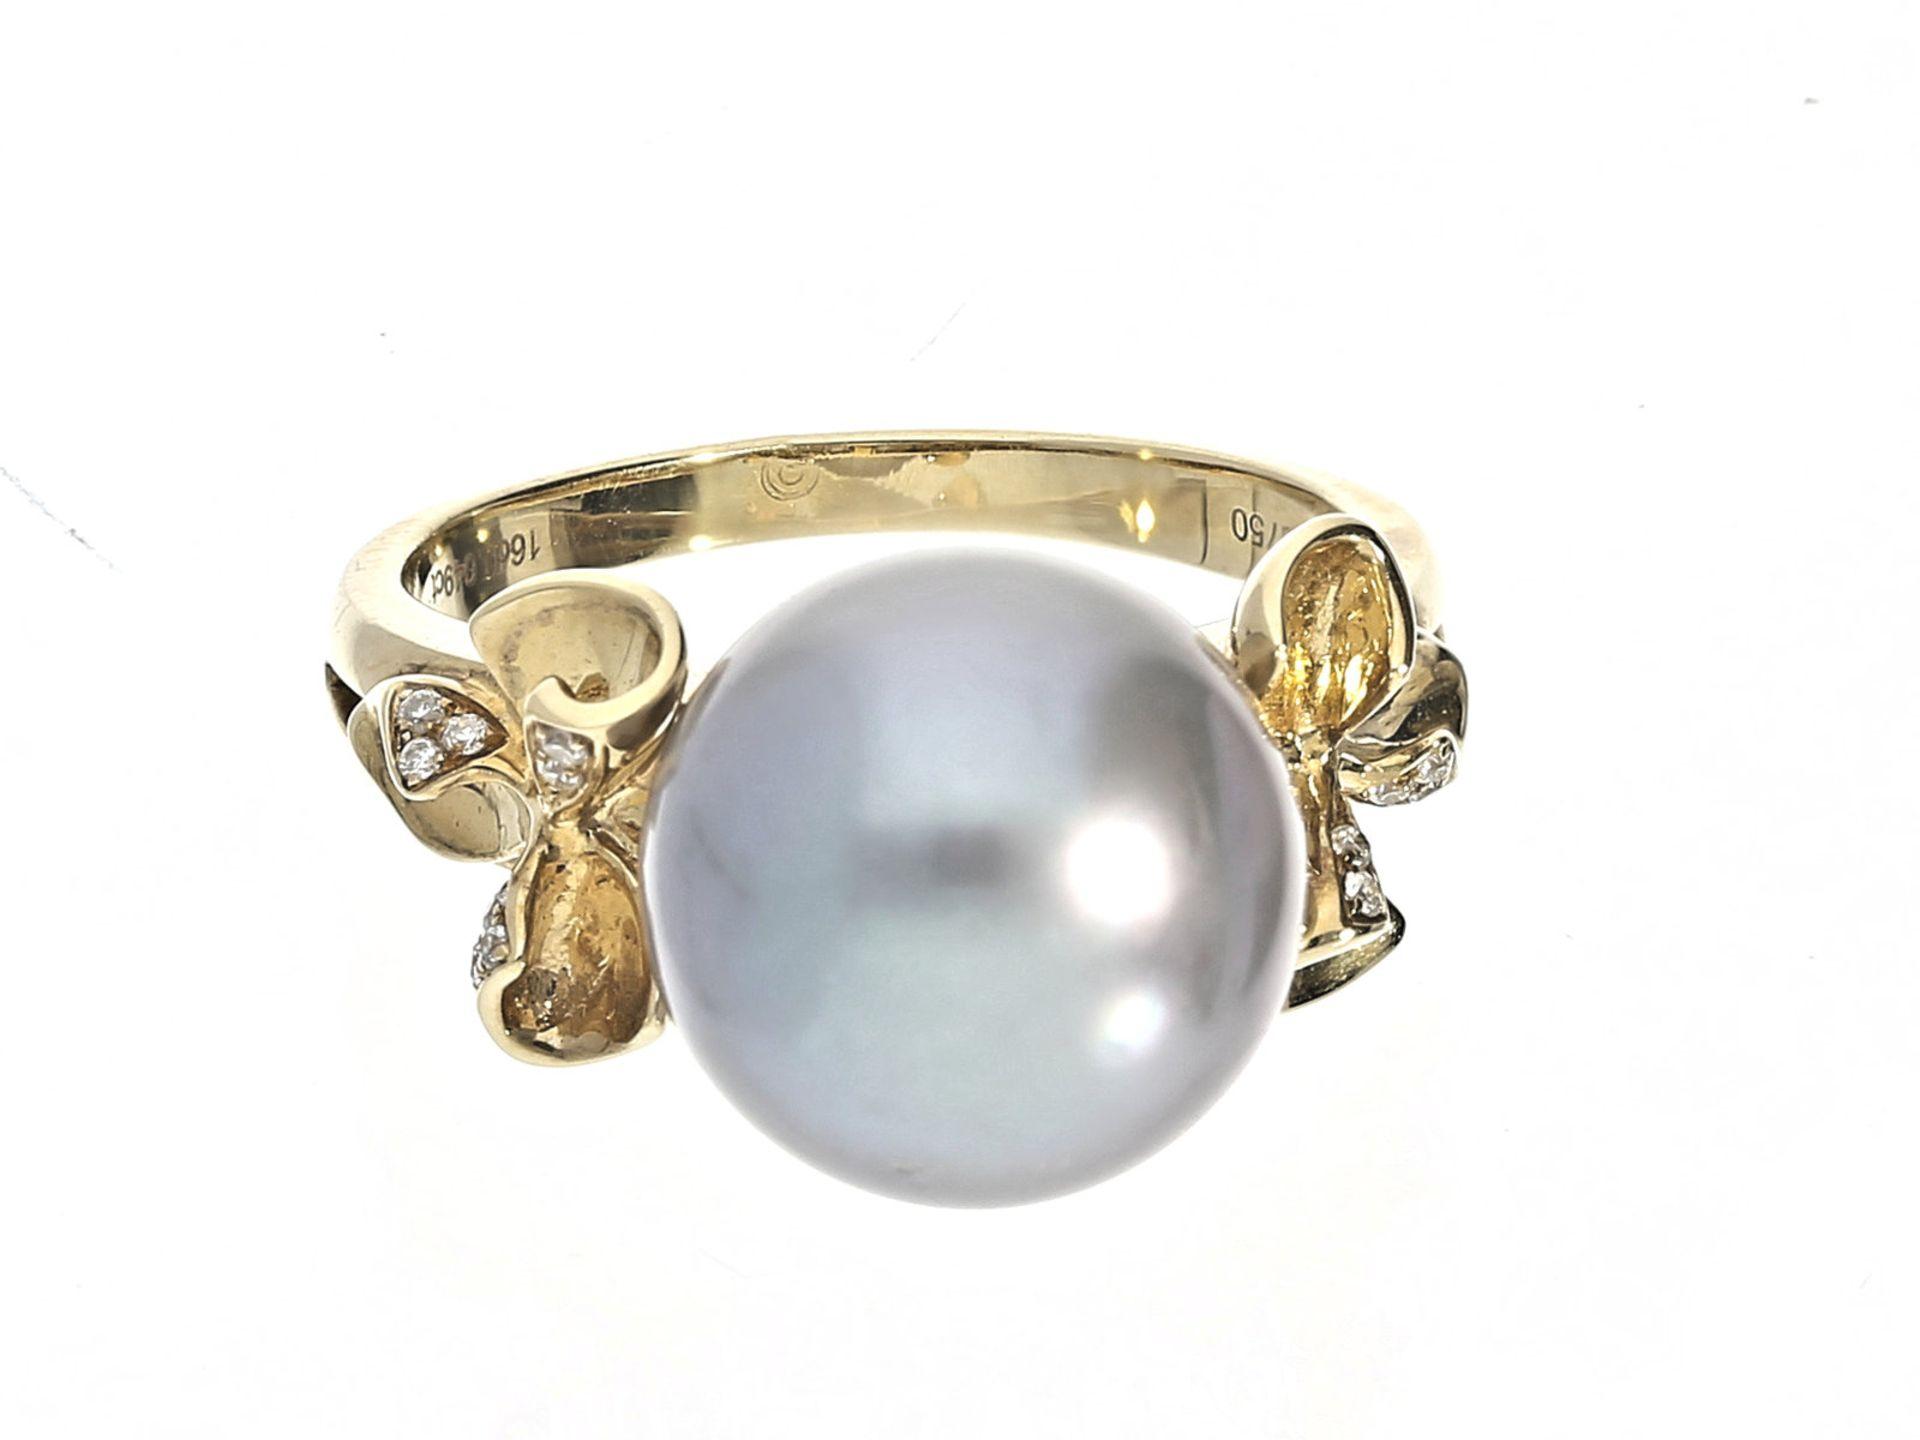 Ring: sehr schön gearbeiteter Goldring mit Tahitiperle und Brillanten, ungetragener Goldschmiede-